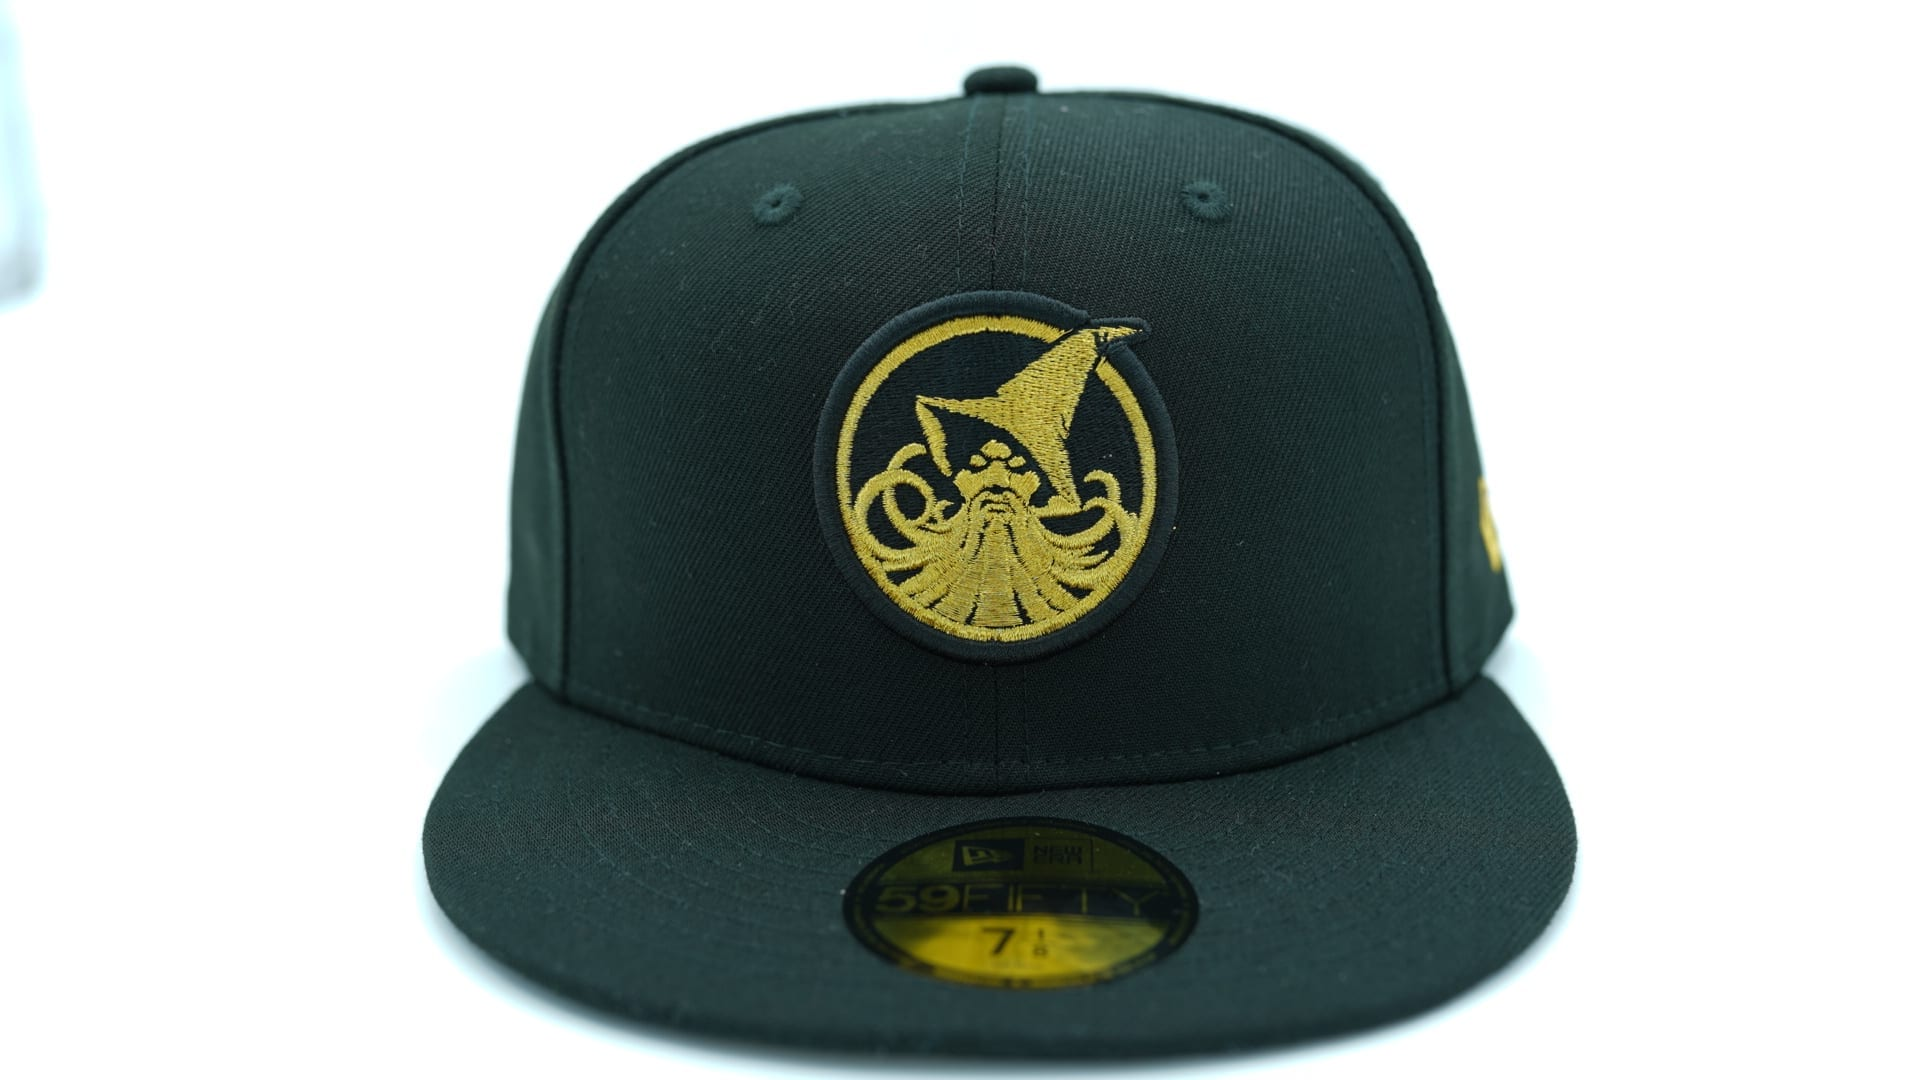 New Era Fitted Hats Custom